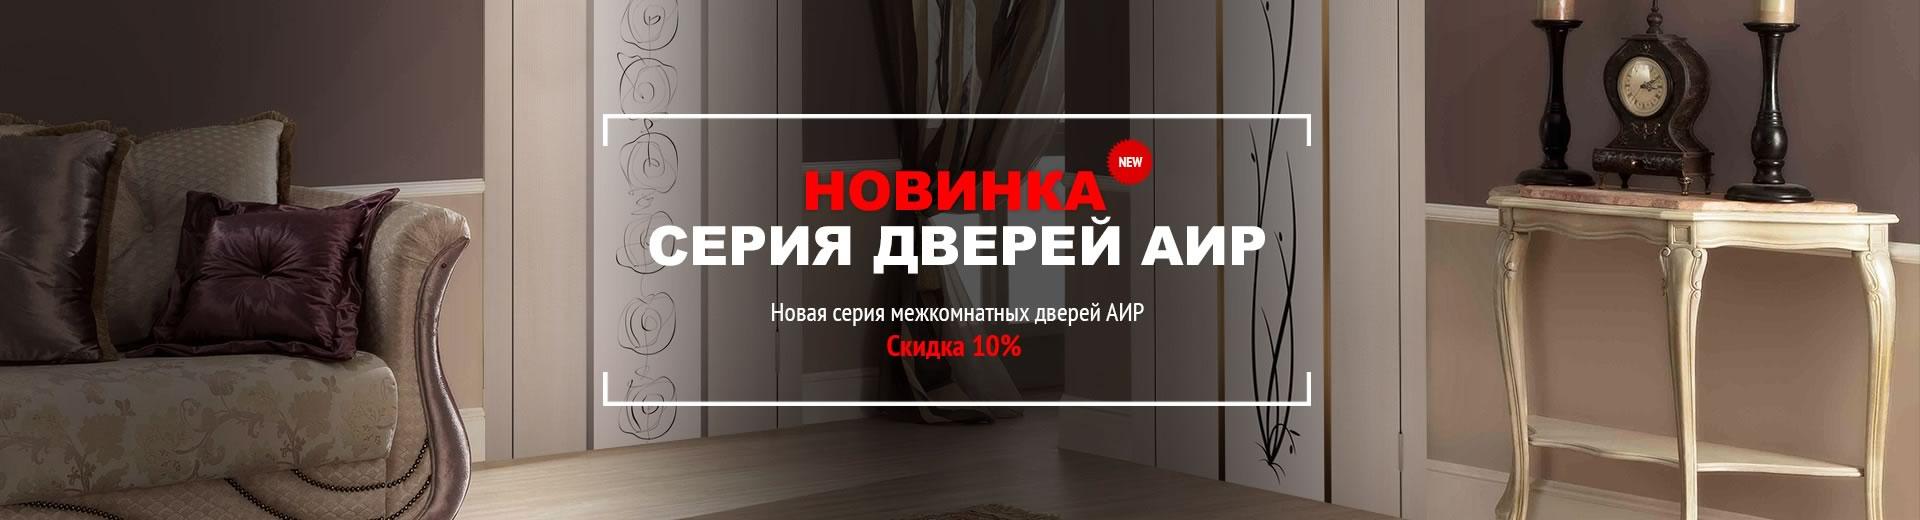 «Новая серия межкомнатных дверей АИР» Скидка 10%